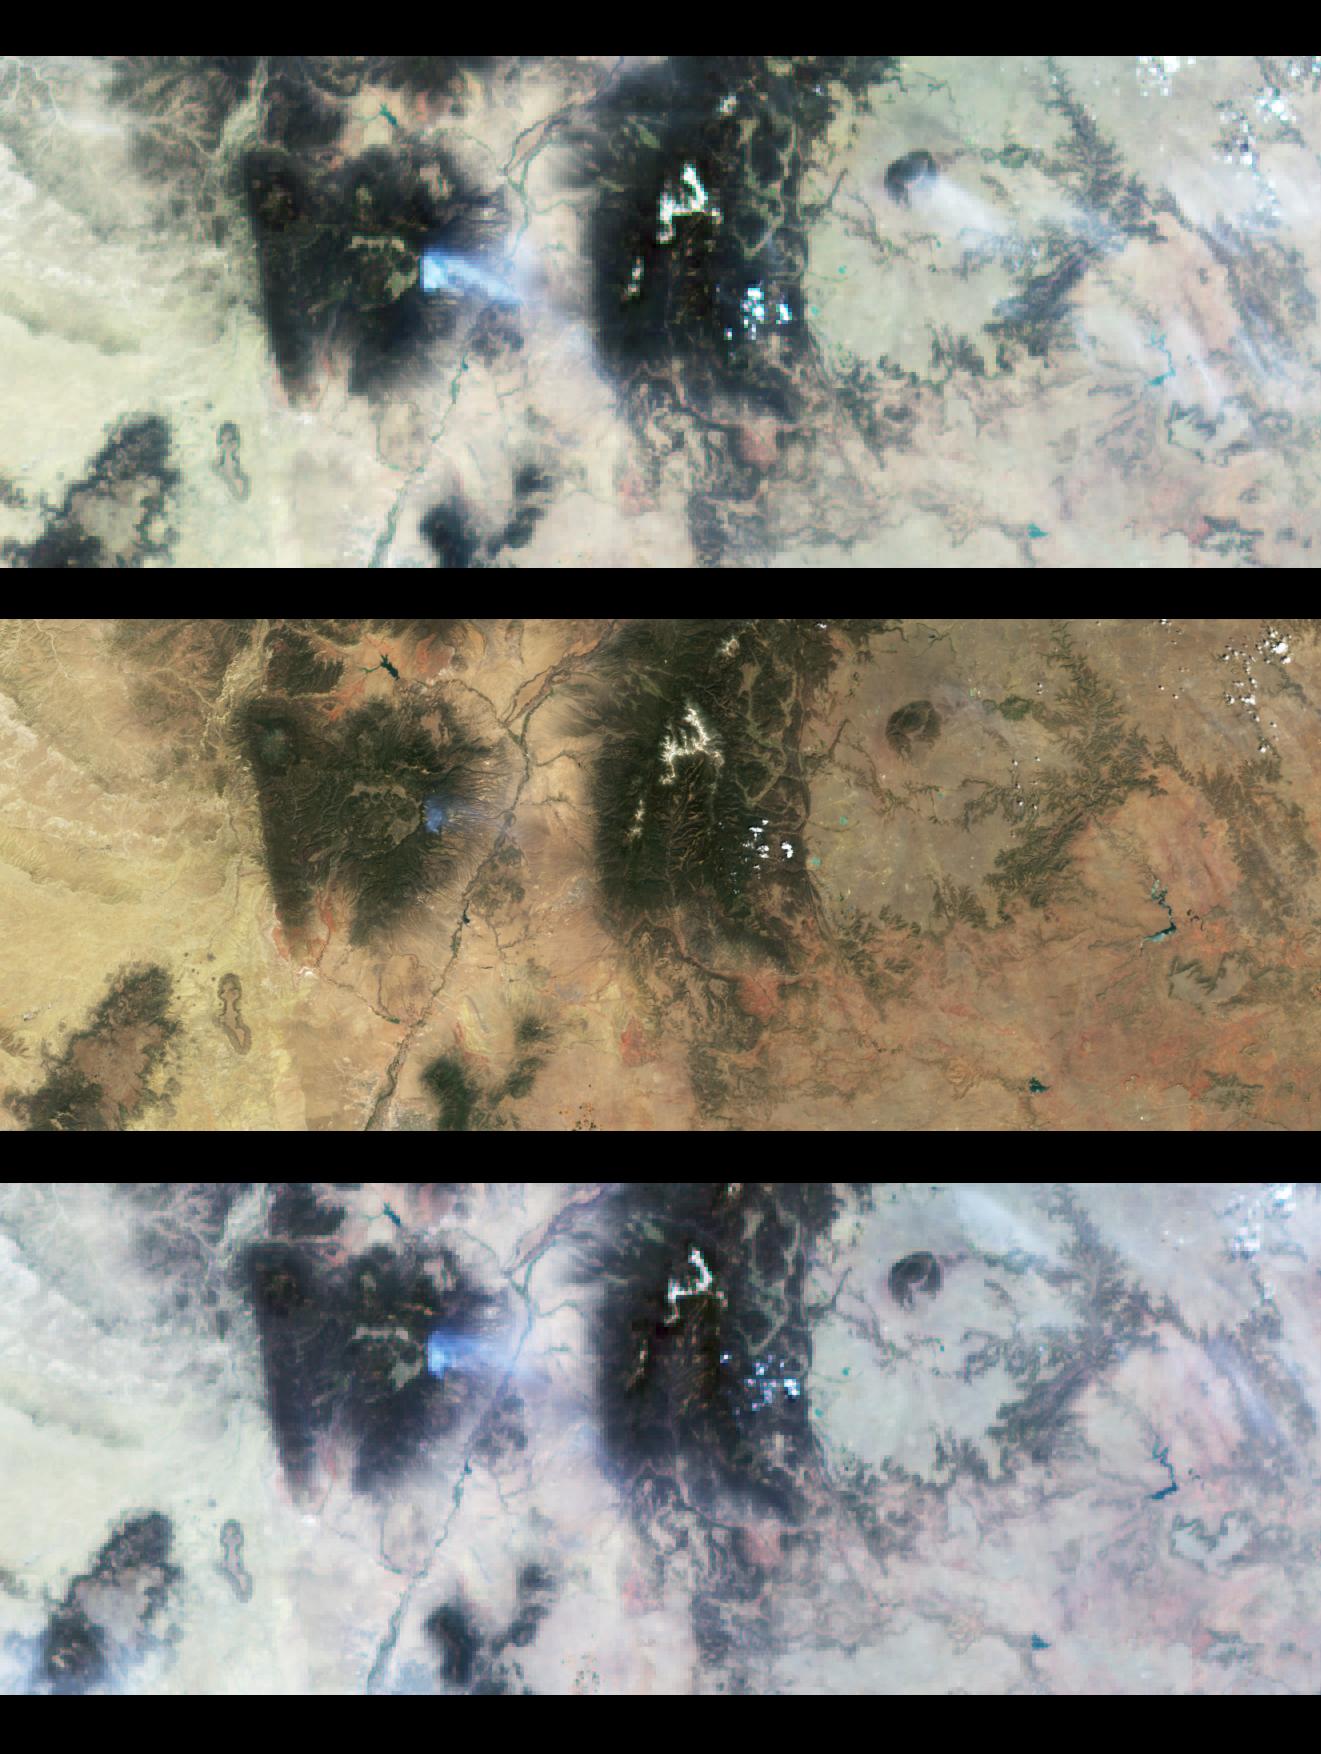 Vista multiangular del incendio en Los Alamos, Nuevo México, 9 Mayo 2000